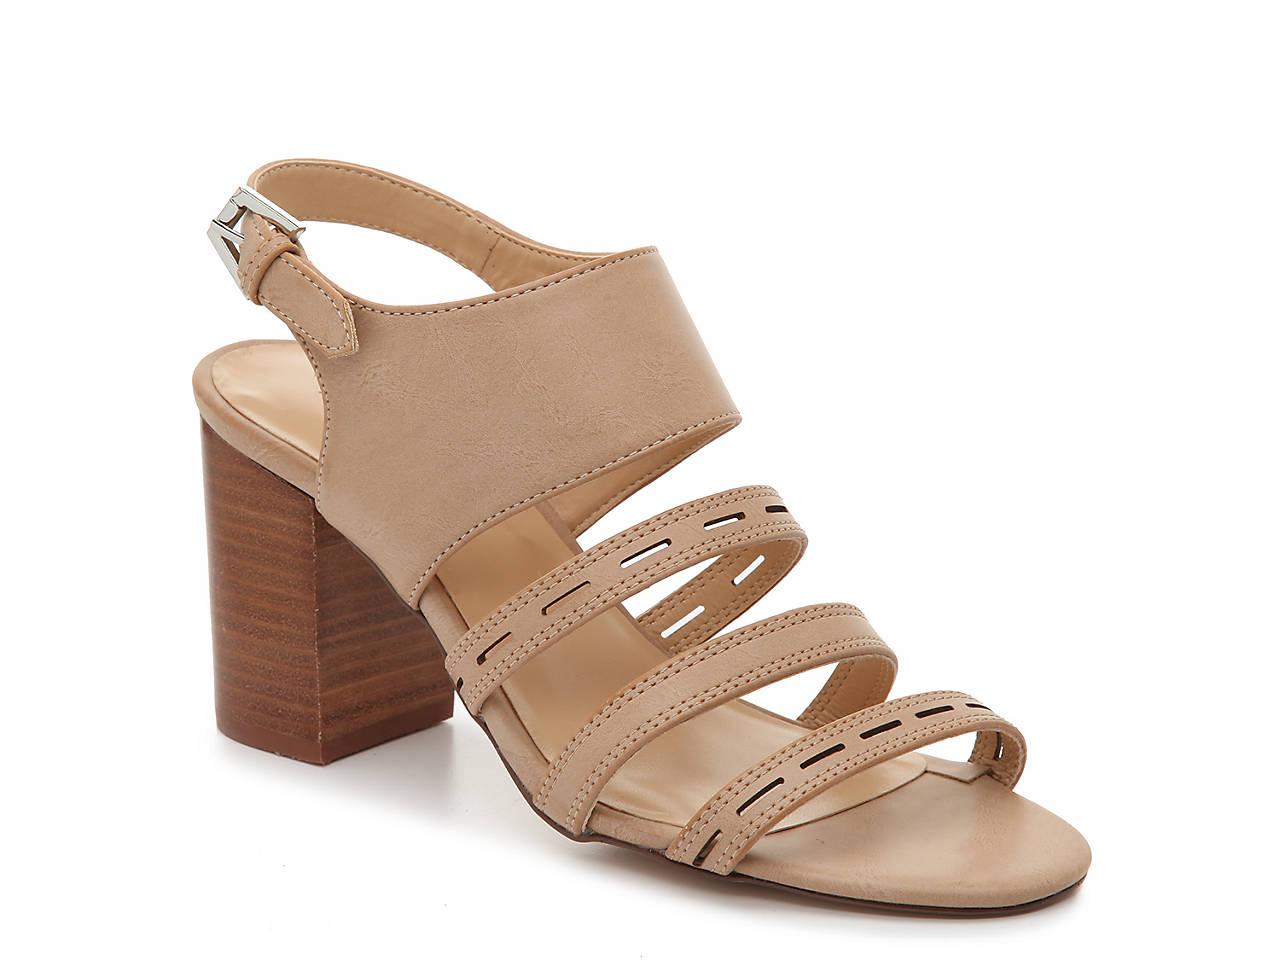 c81a35d51dd4 Andiamo Vox Sandal Women s Shoes